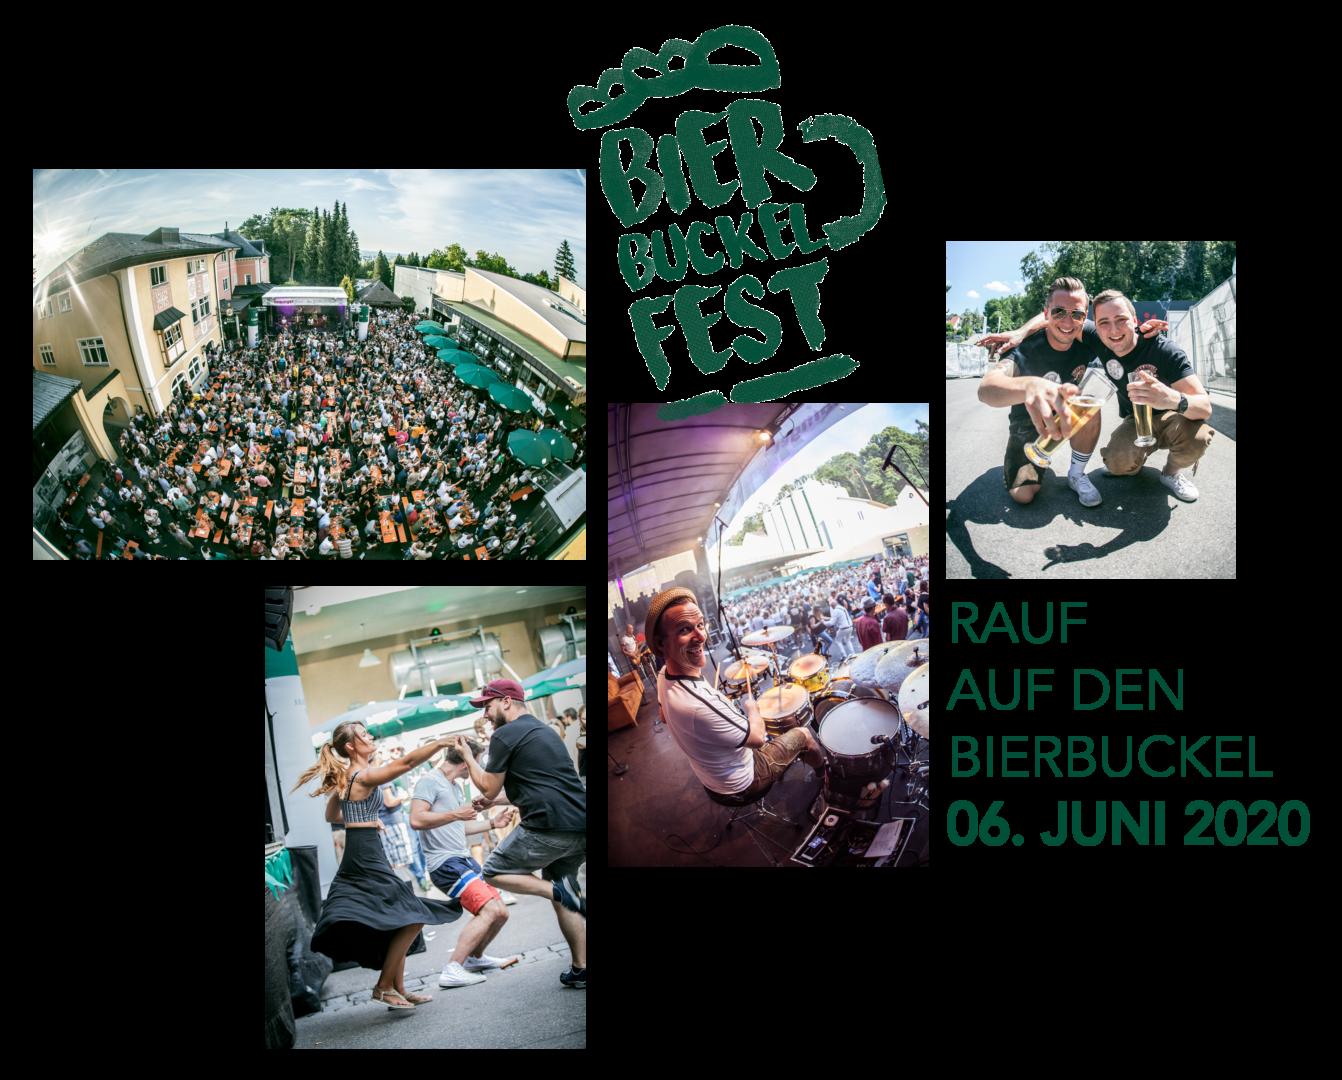 Leibinger Bierbuckelfest Collage